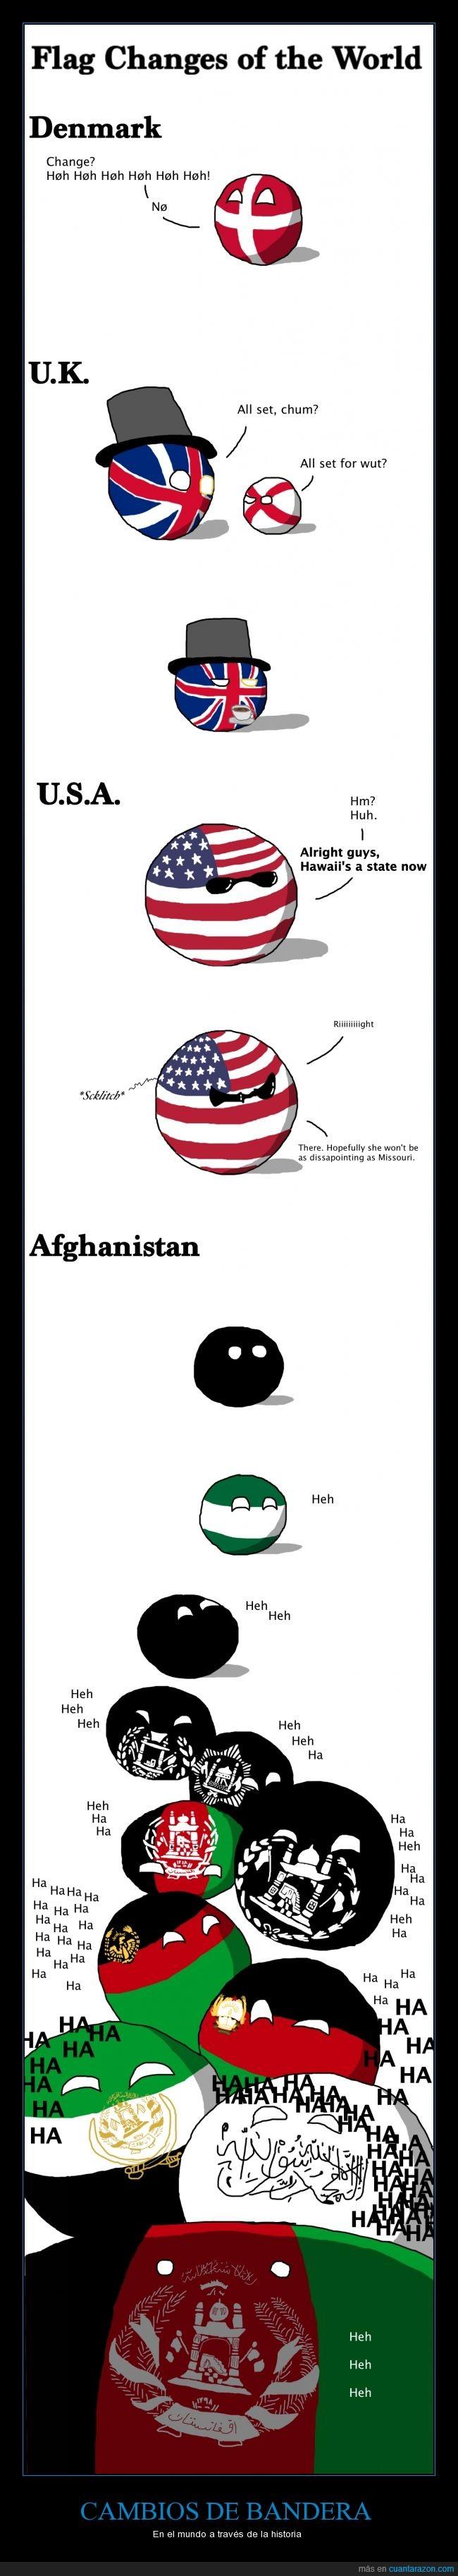 Afganistán,Banderas,cambio,historia,Países,polandball